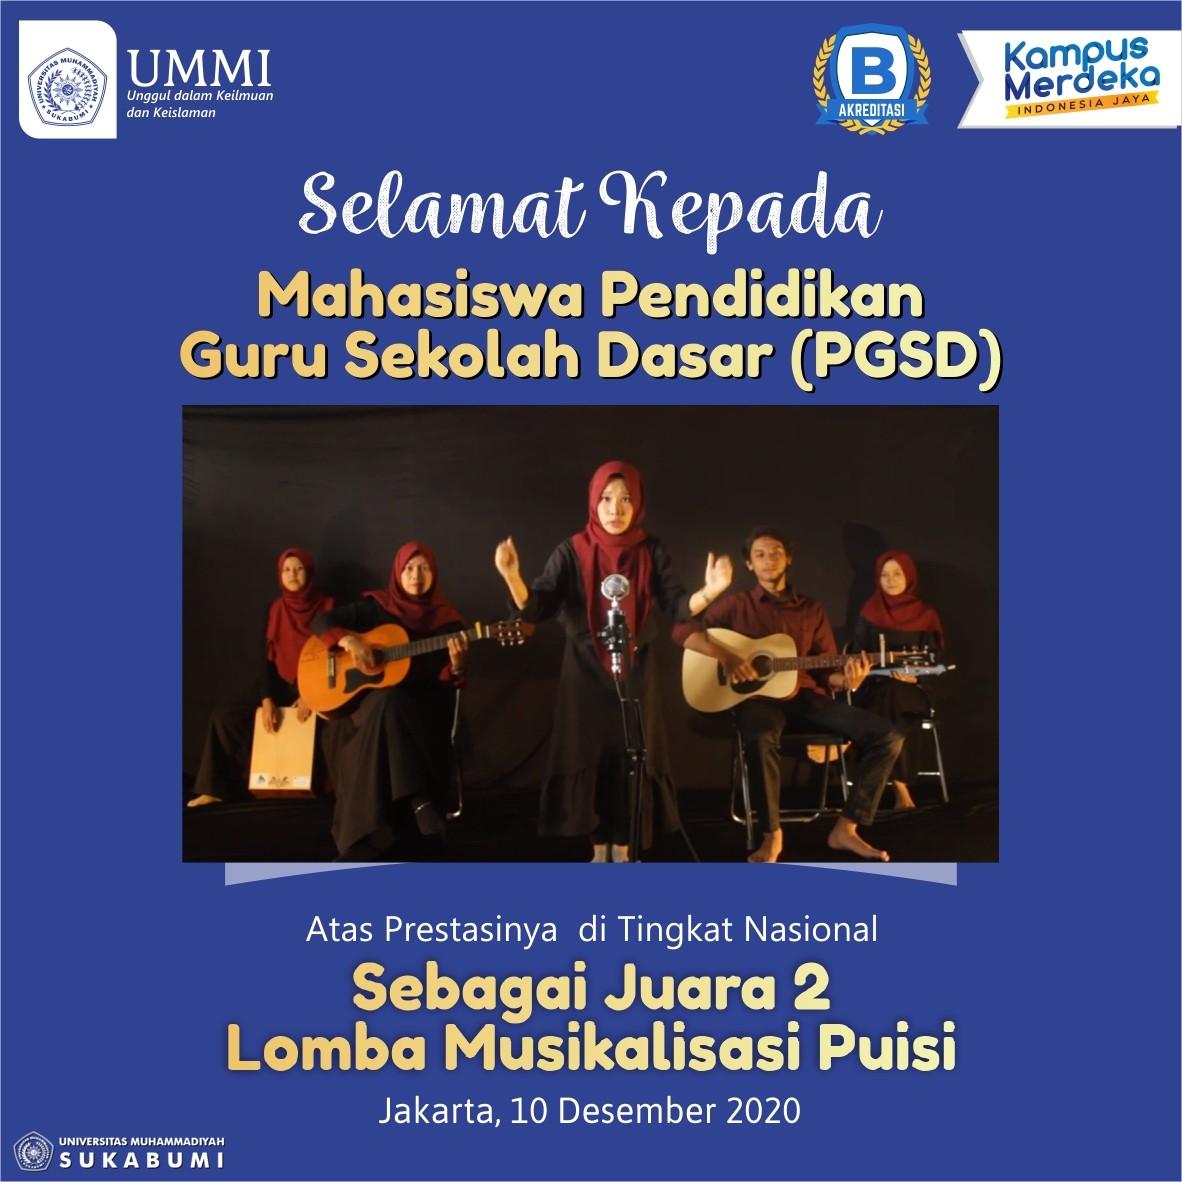 Mahasiswa PGSD UMMI Raih Juara 2 Lomba Musikalisasi Puisi Tingkat Nasional